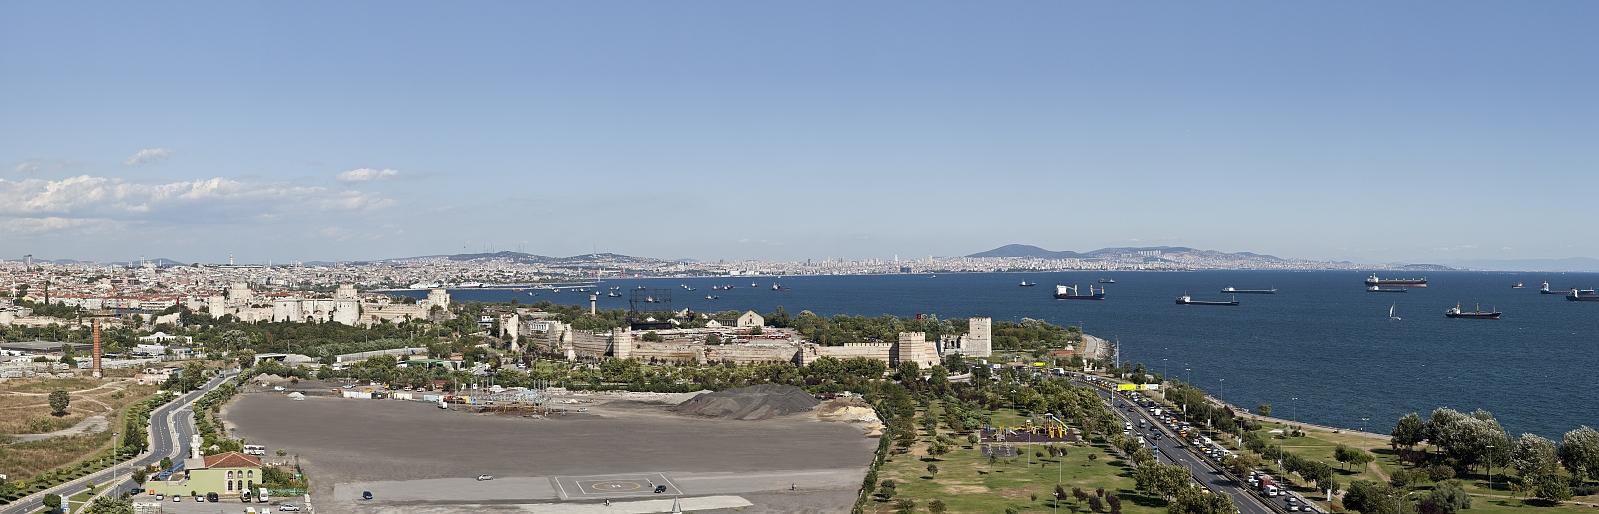 Zeytinburnu İstanbul'un en değerli 4. ilçesi oldu!